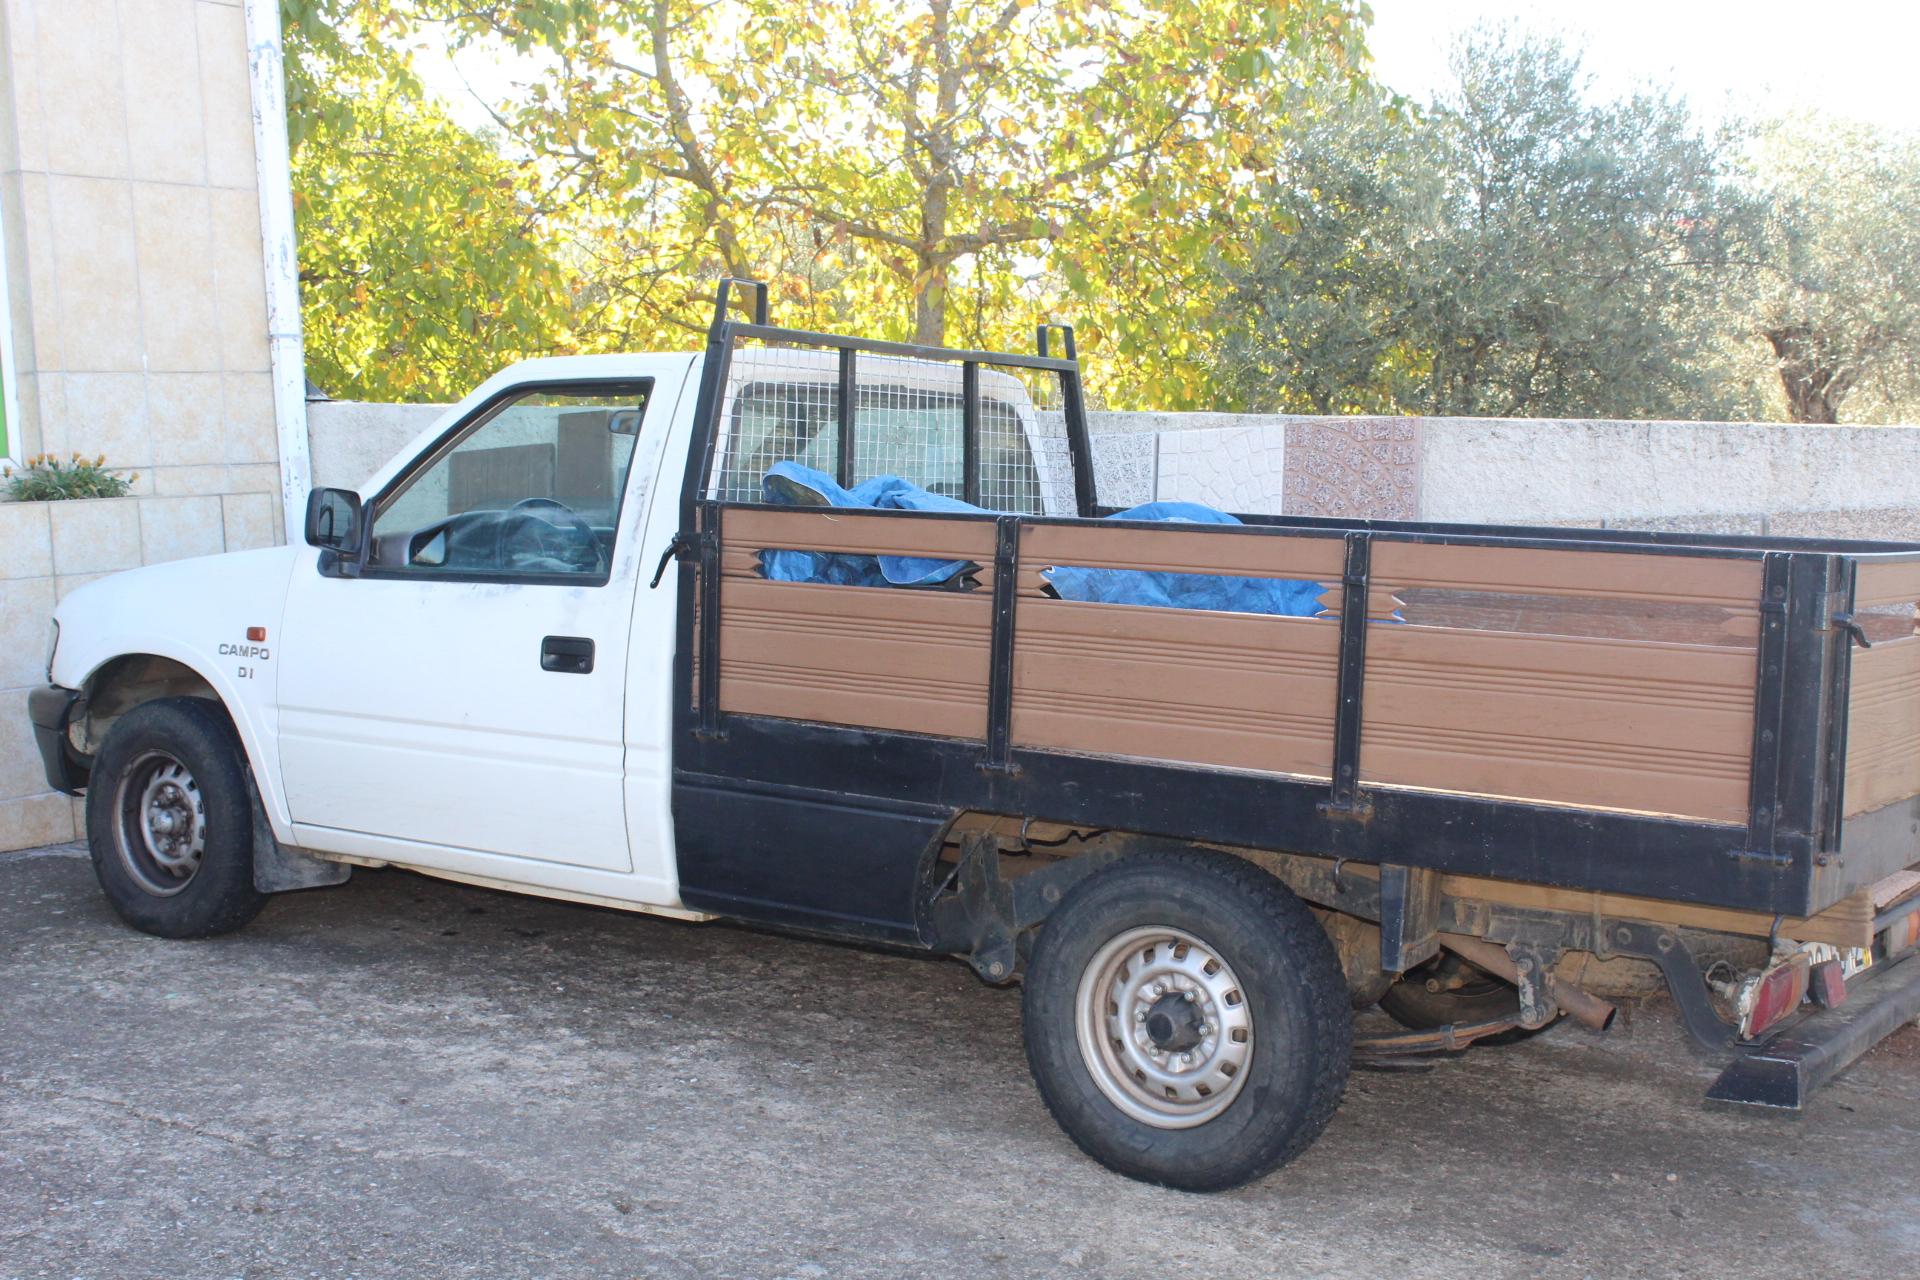 Duas carrinhas da mesma marca furtadas em Macedo de Cavaleiros